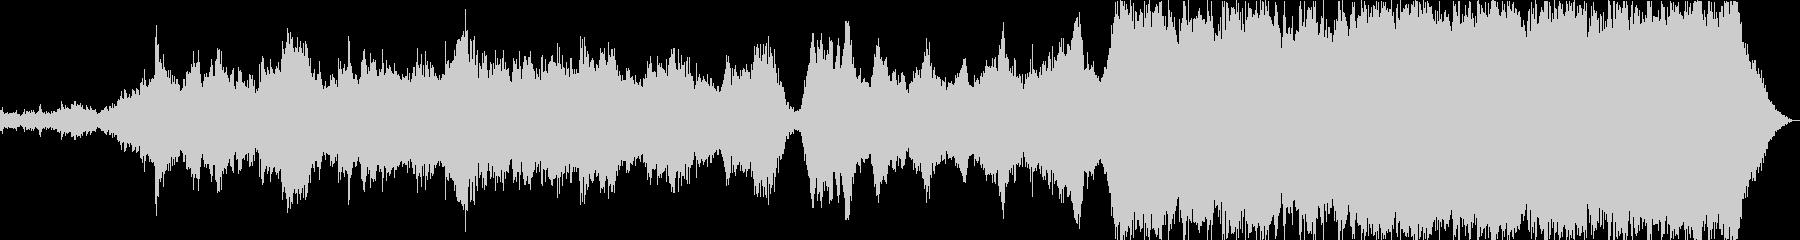 劇的でストレスの多い中世。サウンド...の未再生の波形